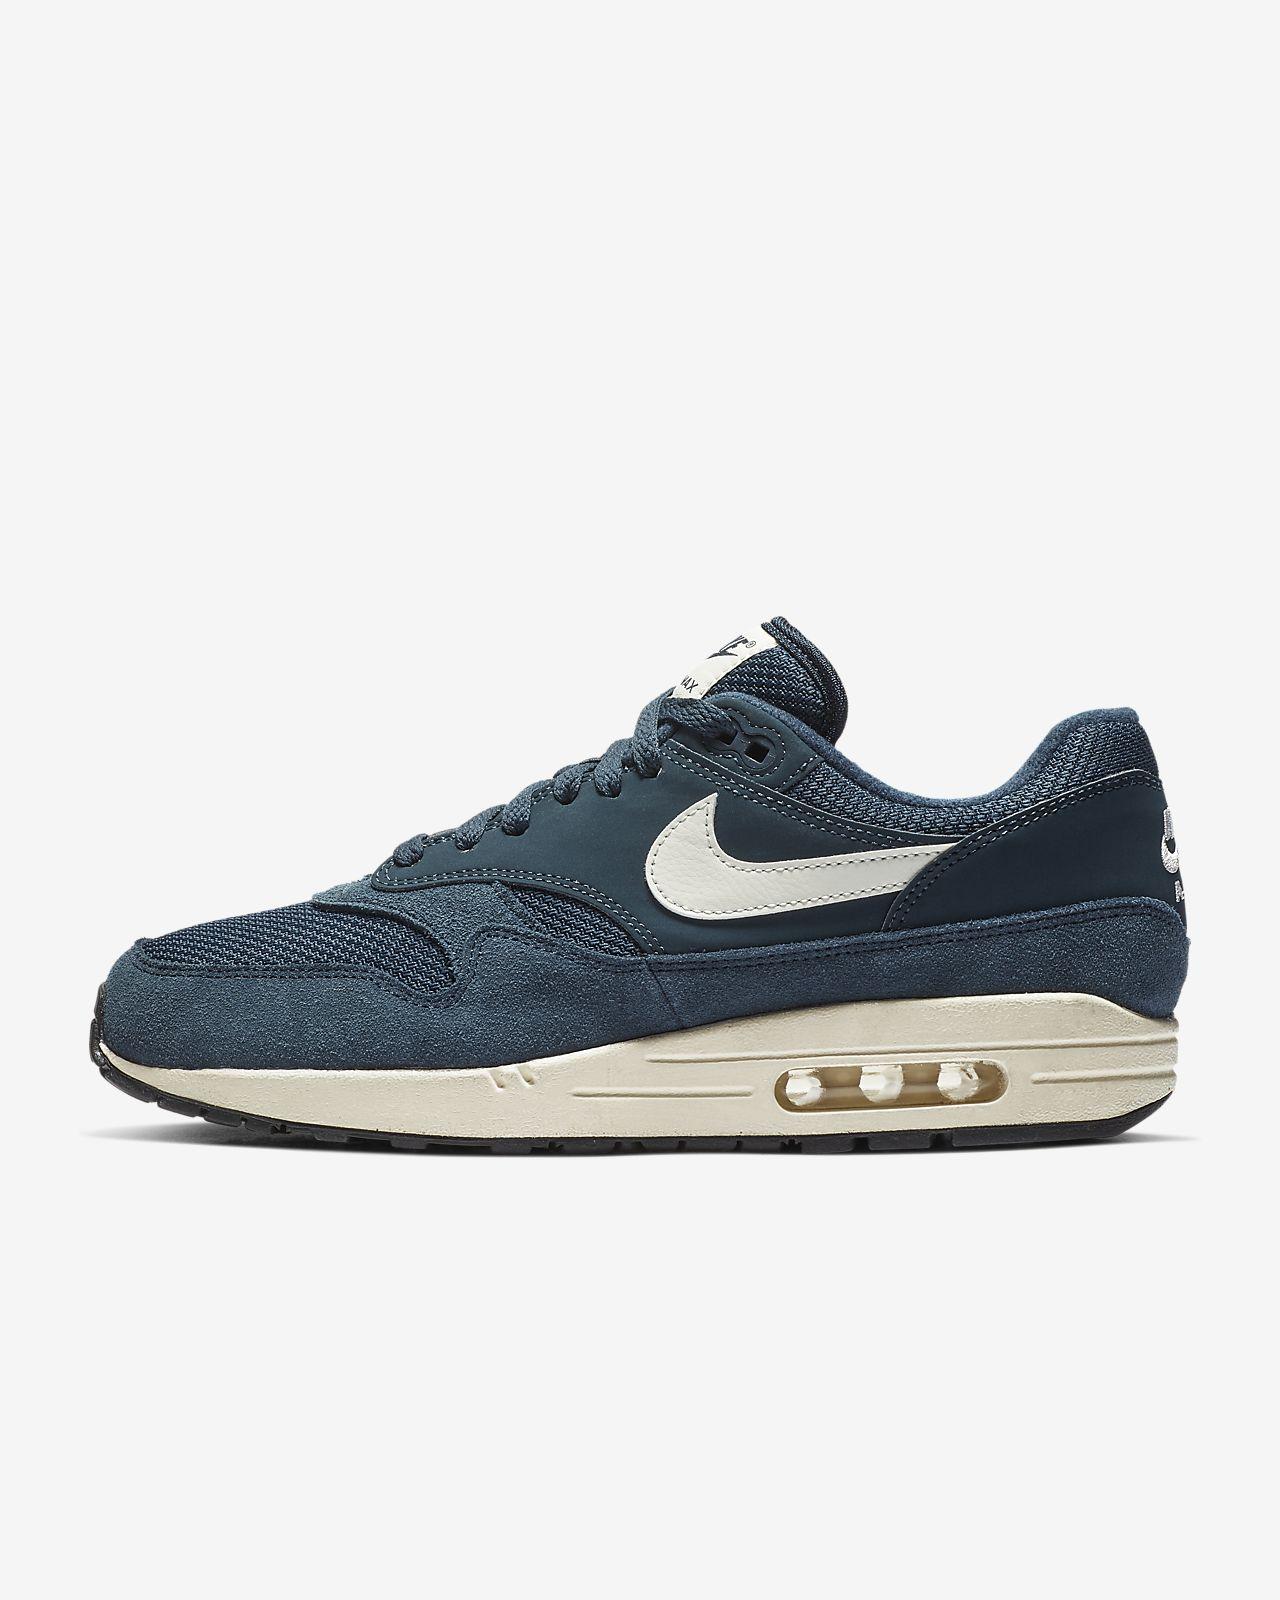 e61a2da081f0 Nike Air Max 1 Men s Shoe. Nike.com